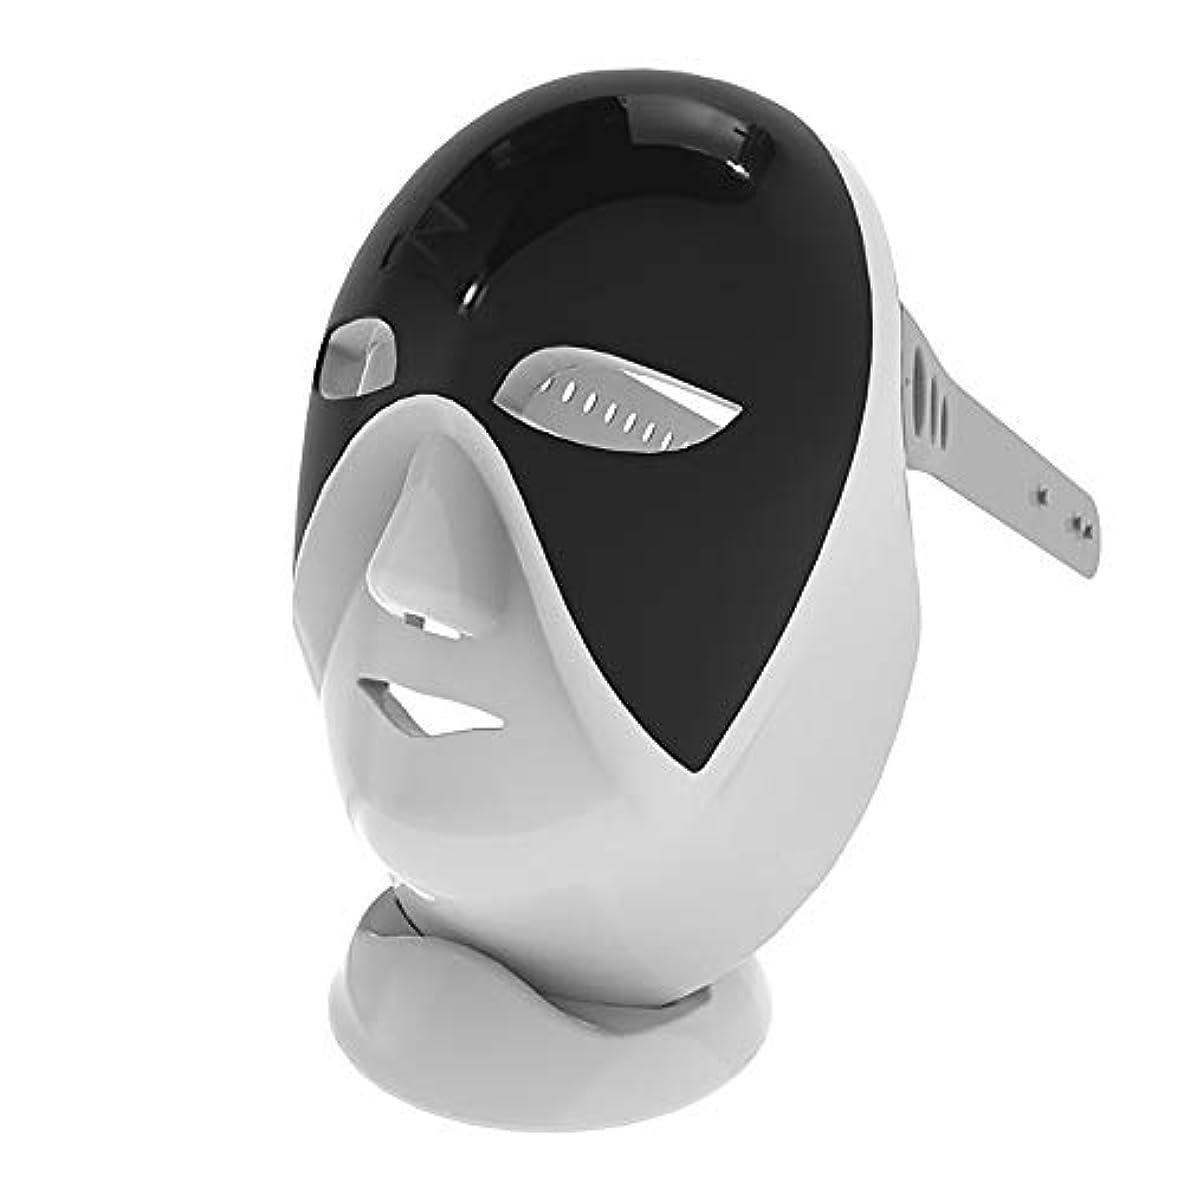 パワーストリップギャロップ7色LEDマスク光子光肌若返り療法、韓国スキンケア、フェイシャルスキンケアマスク